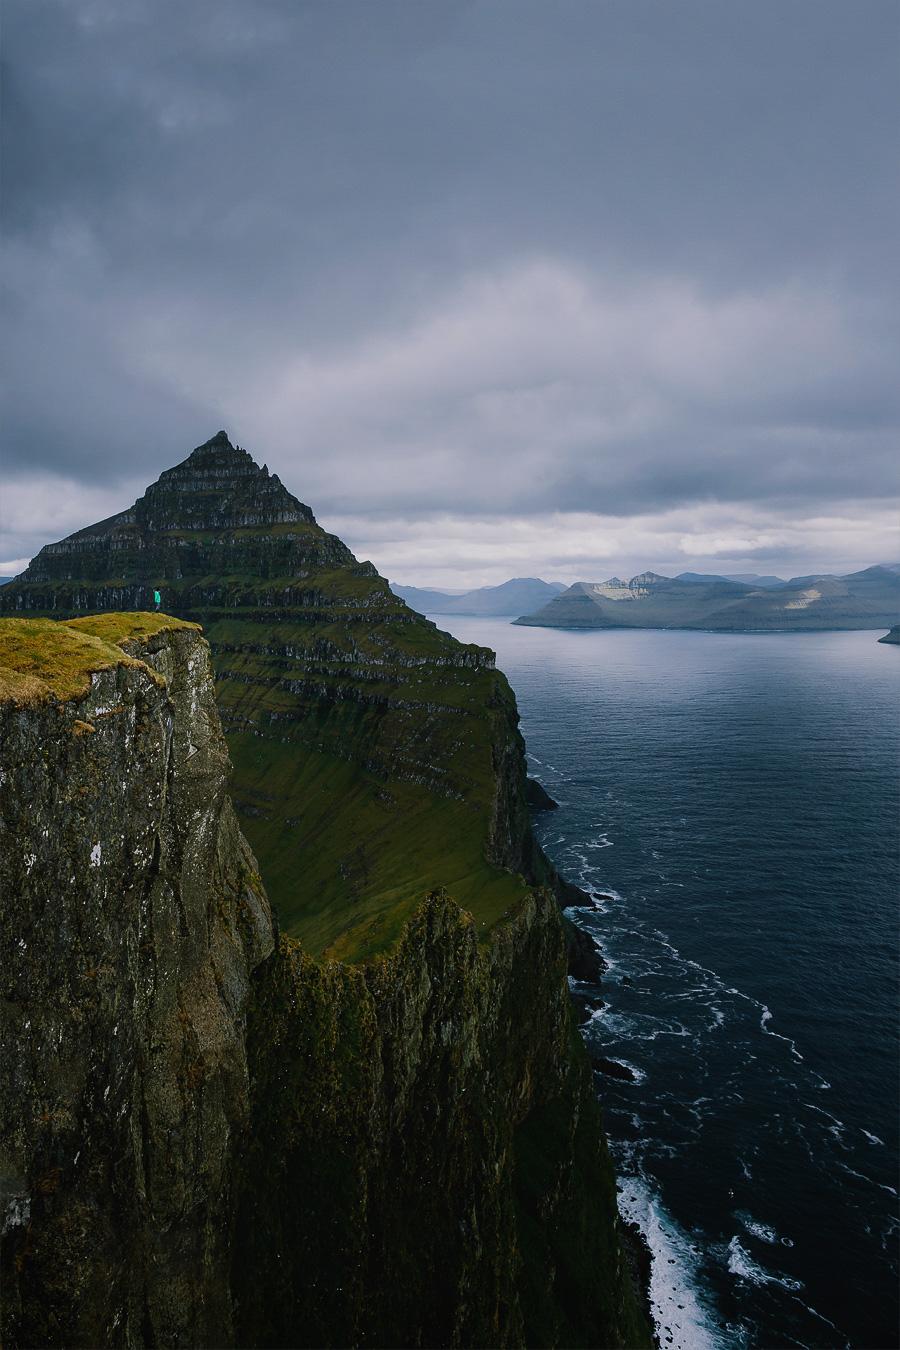 Man in green jacket standing on the cliff in Faroe Islands